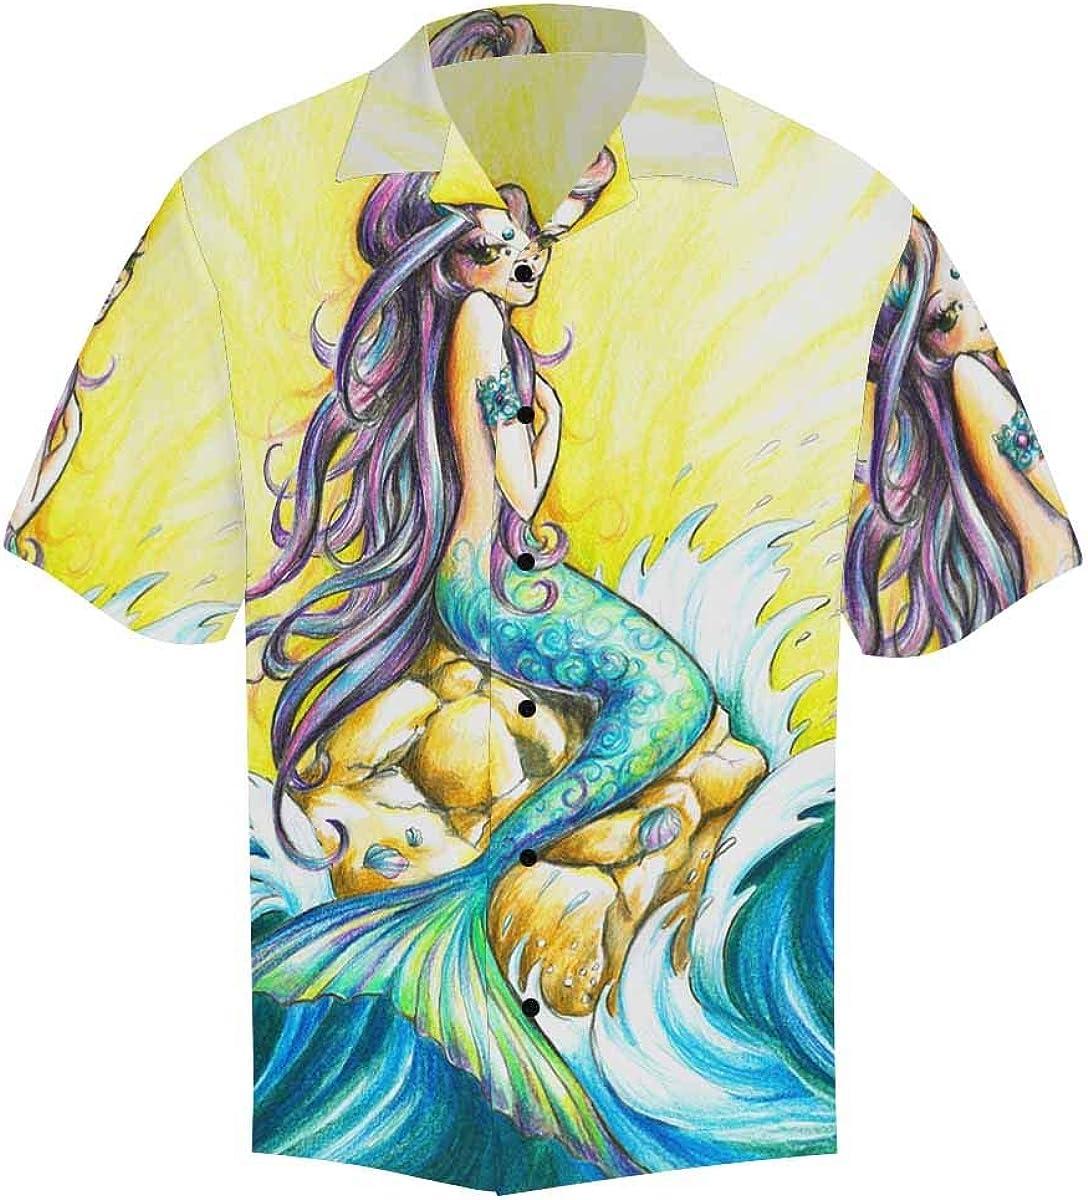 InterestPrint Men's Casual Button Down Short Sleeve Morrocan Ornament Pink Hawaiian Shirt (S-5XL)